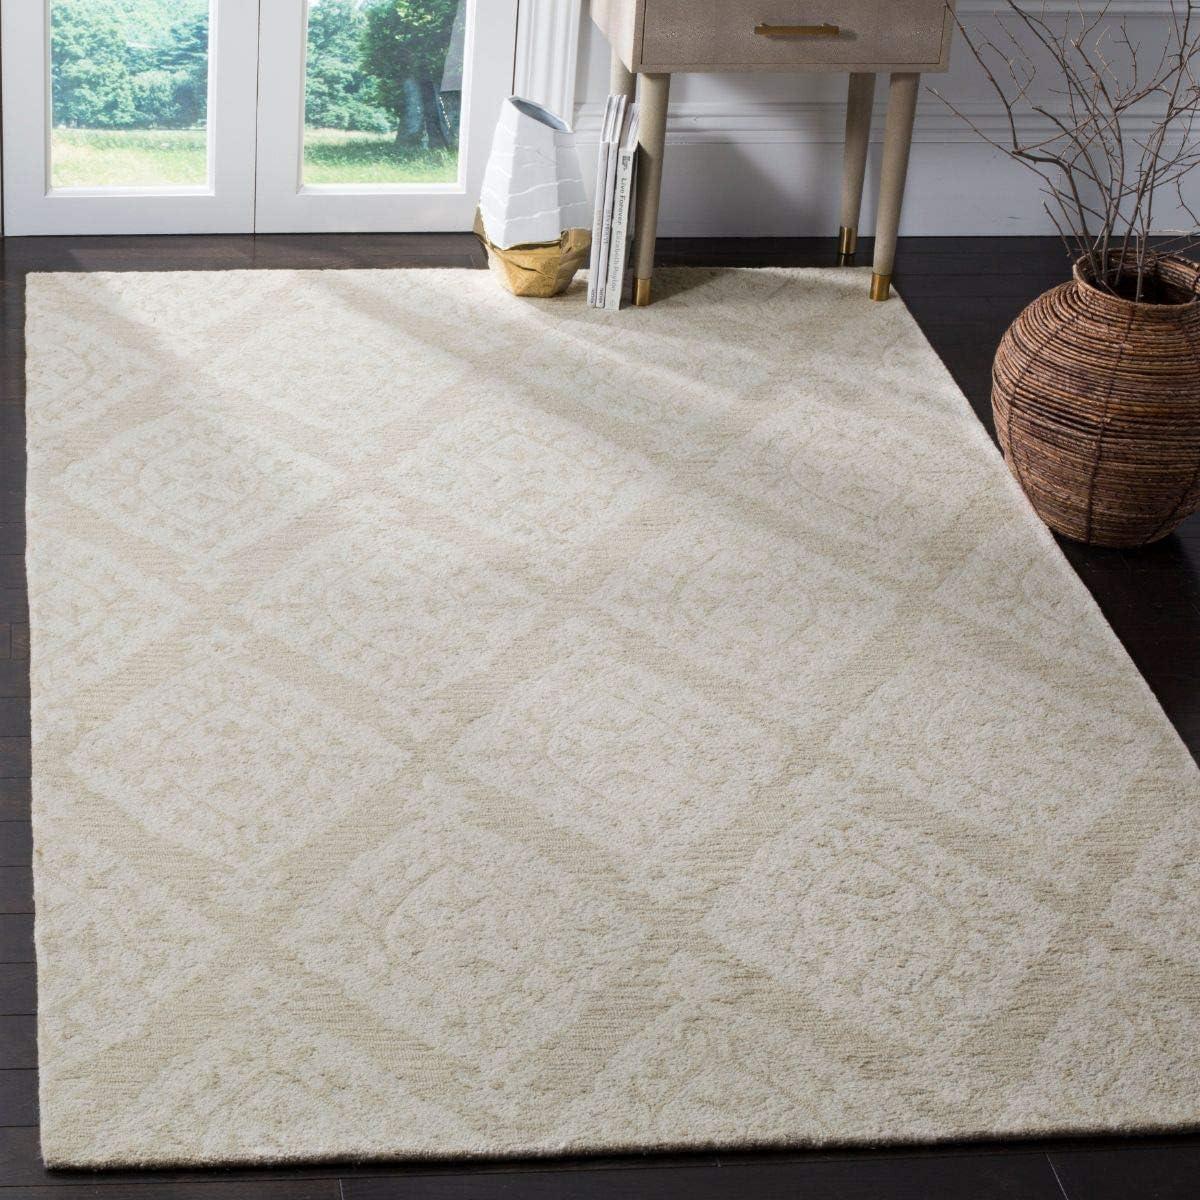 Safavieh Micro-Loop Collection MLP210B Handmade Wool Area Rug, 8 x 10 , Beige